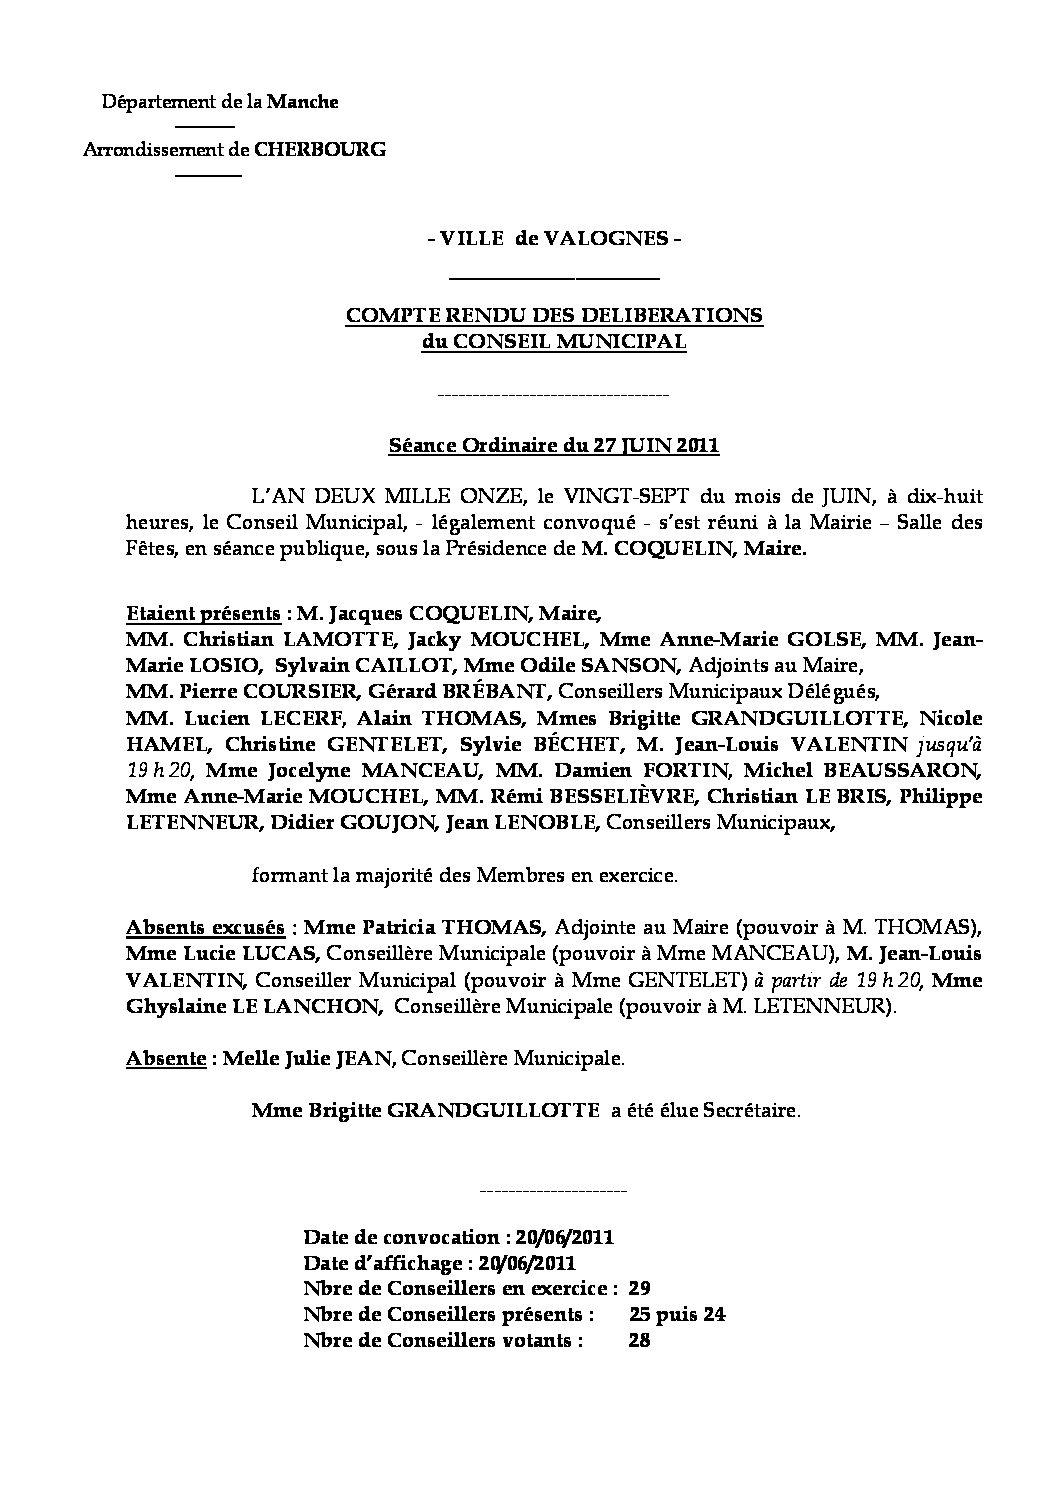 Extrait du registre des délibérations du 27-06-2011 - Compte rendu des questions soumises à délibérations lors de la séance du Conseil Municipal du lundi 27 juin 2011.